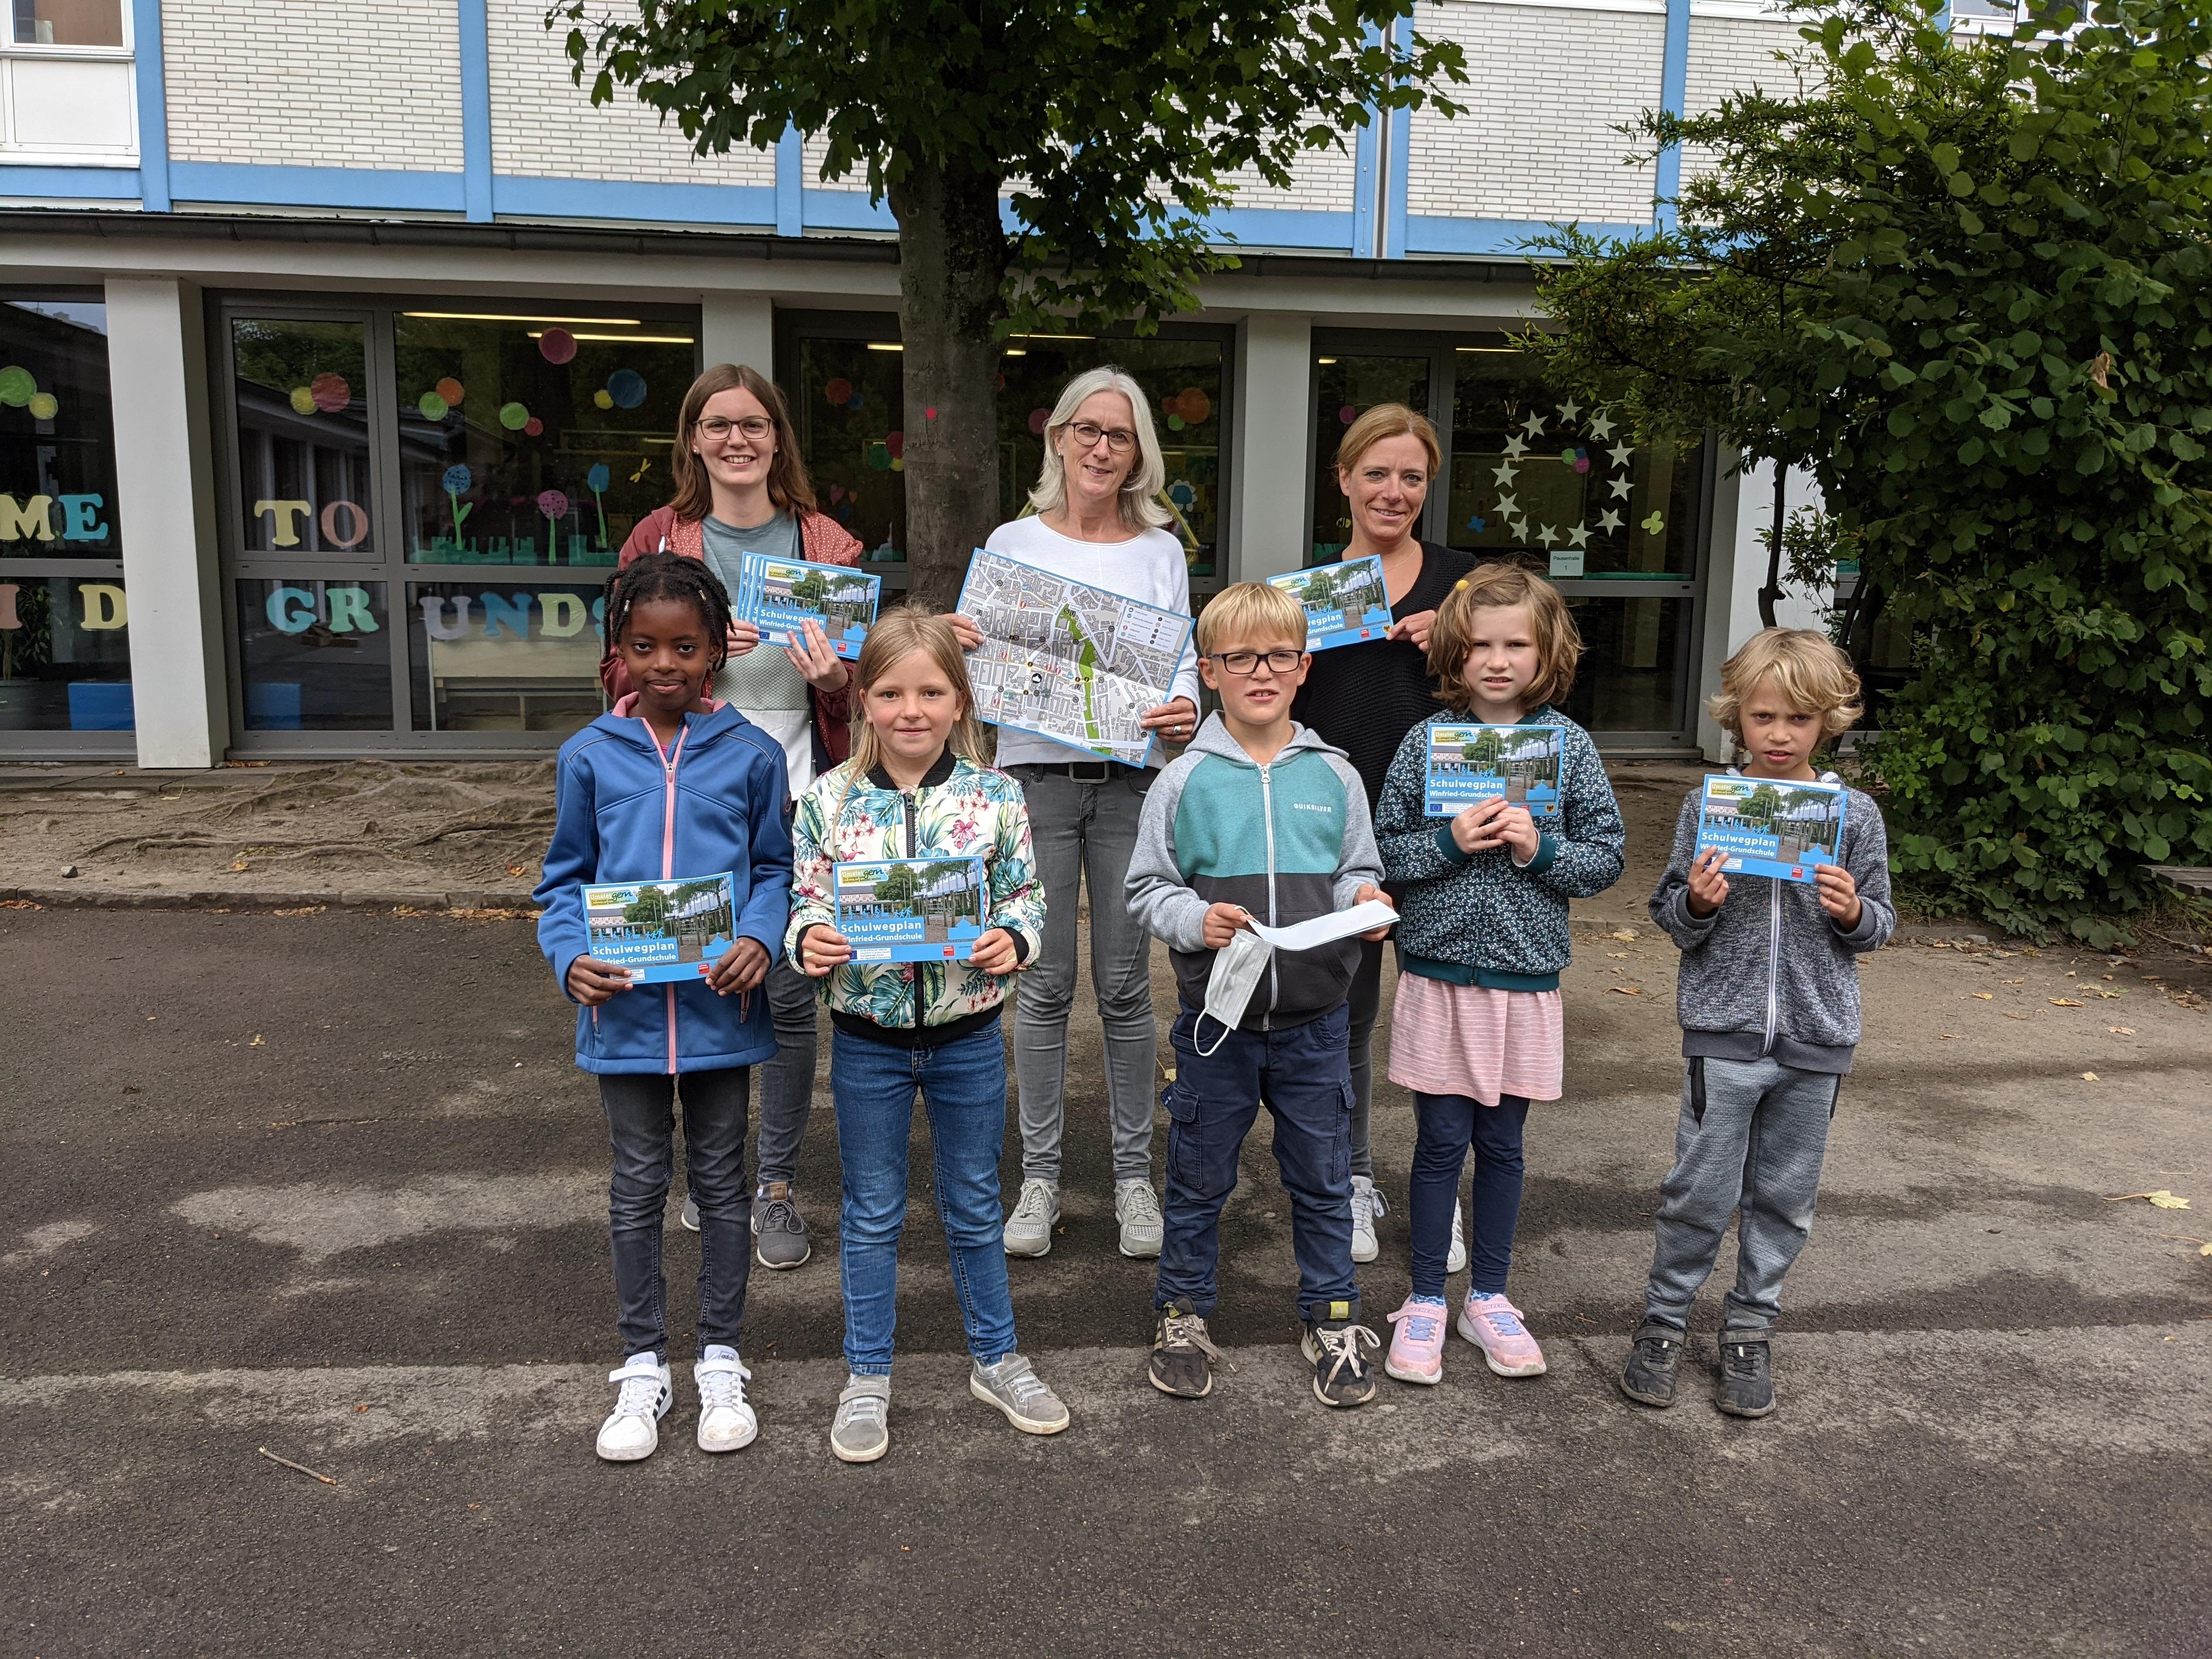 Fünf Grundschüler und Grundschülerinnen sowie drei Lehrerinnen halten Schulwegplan für ihre Grundschule in Dortmund in der Hand